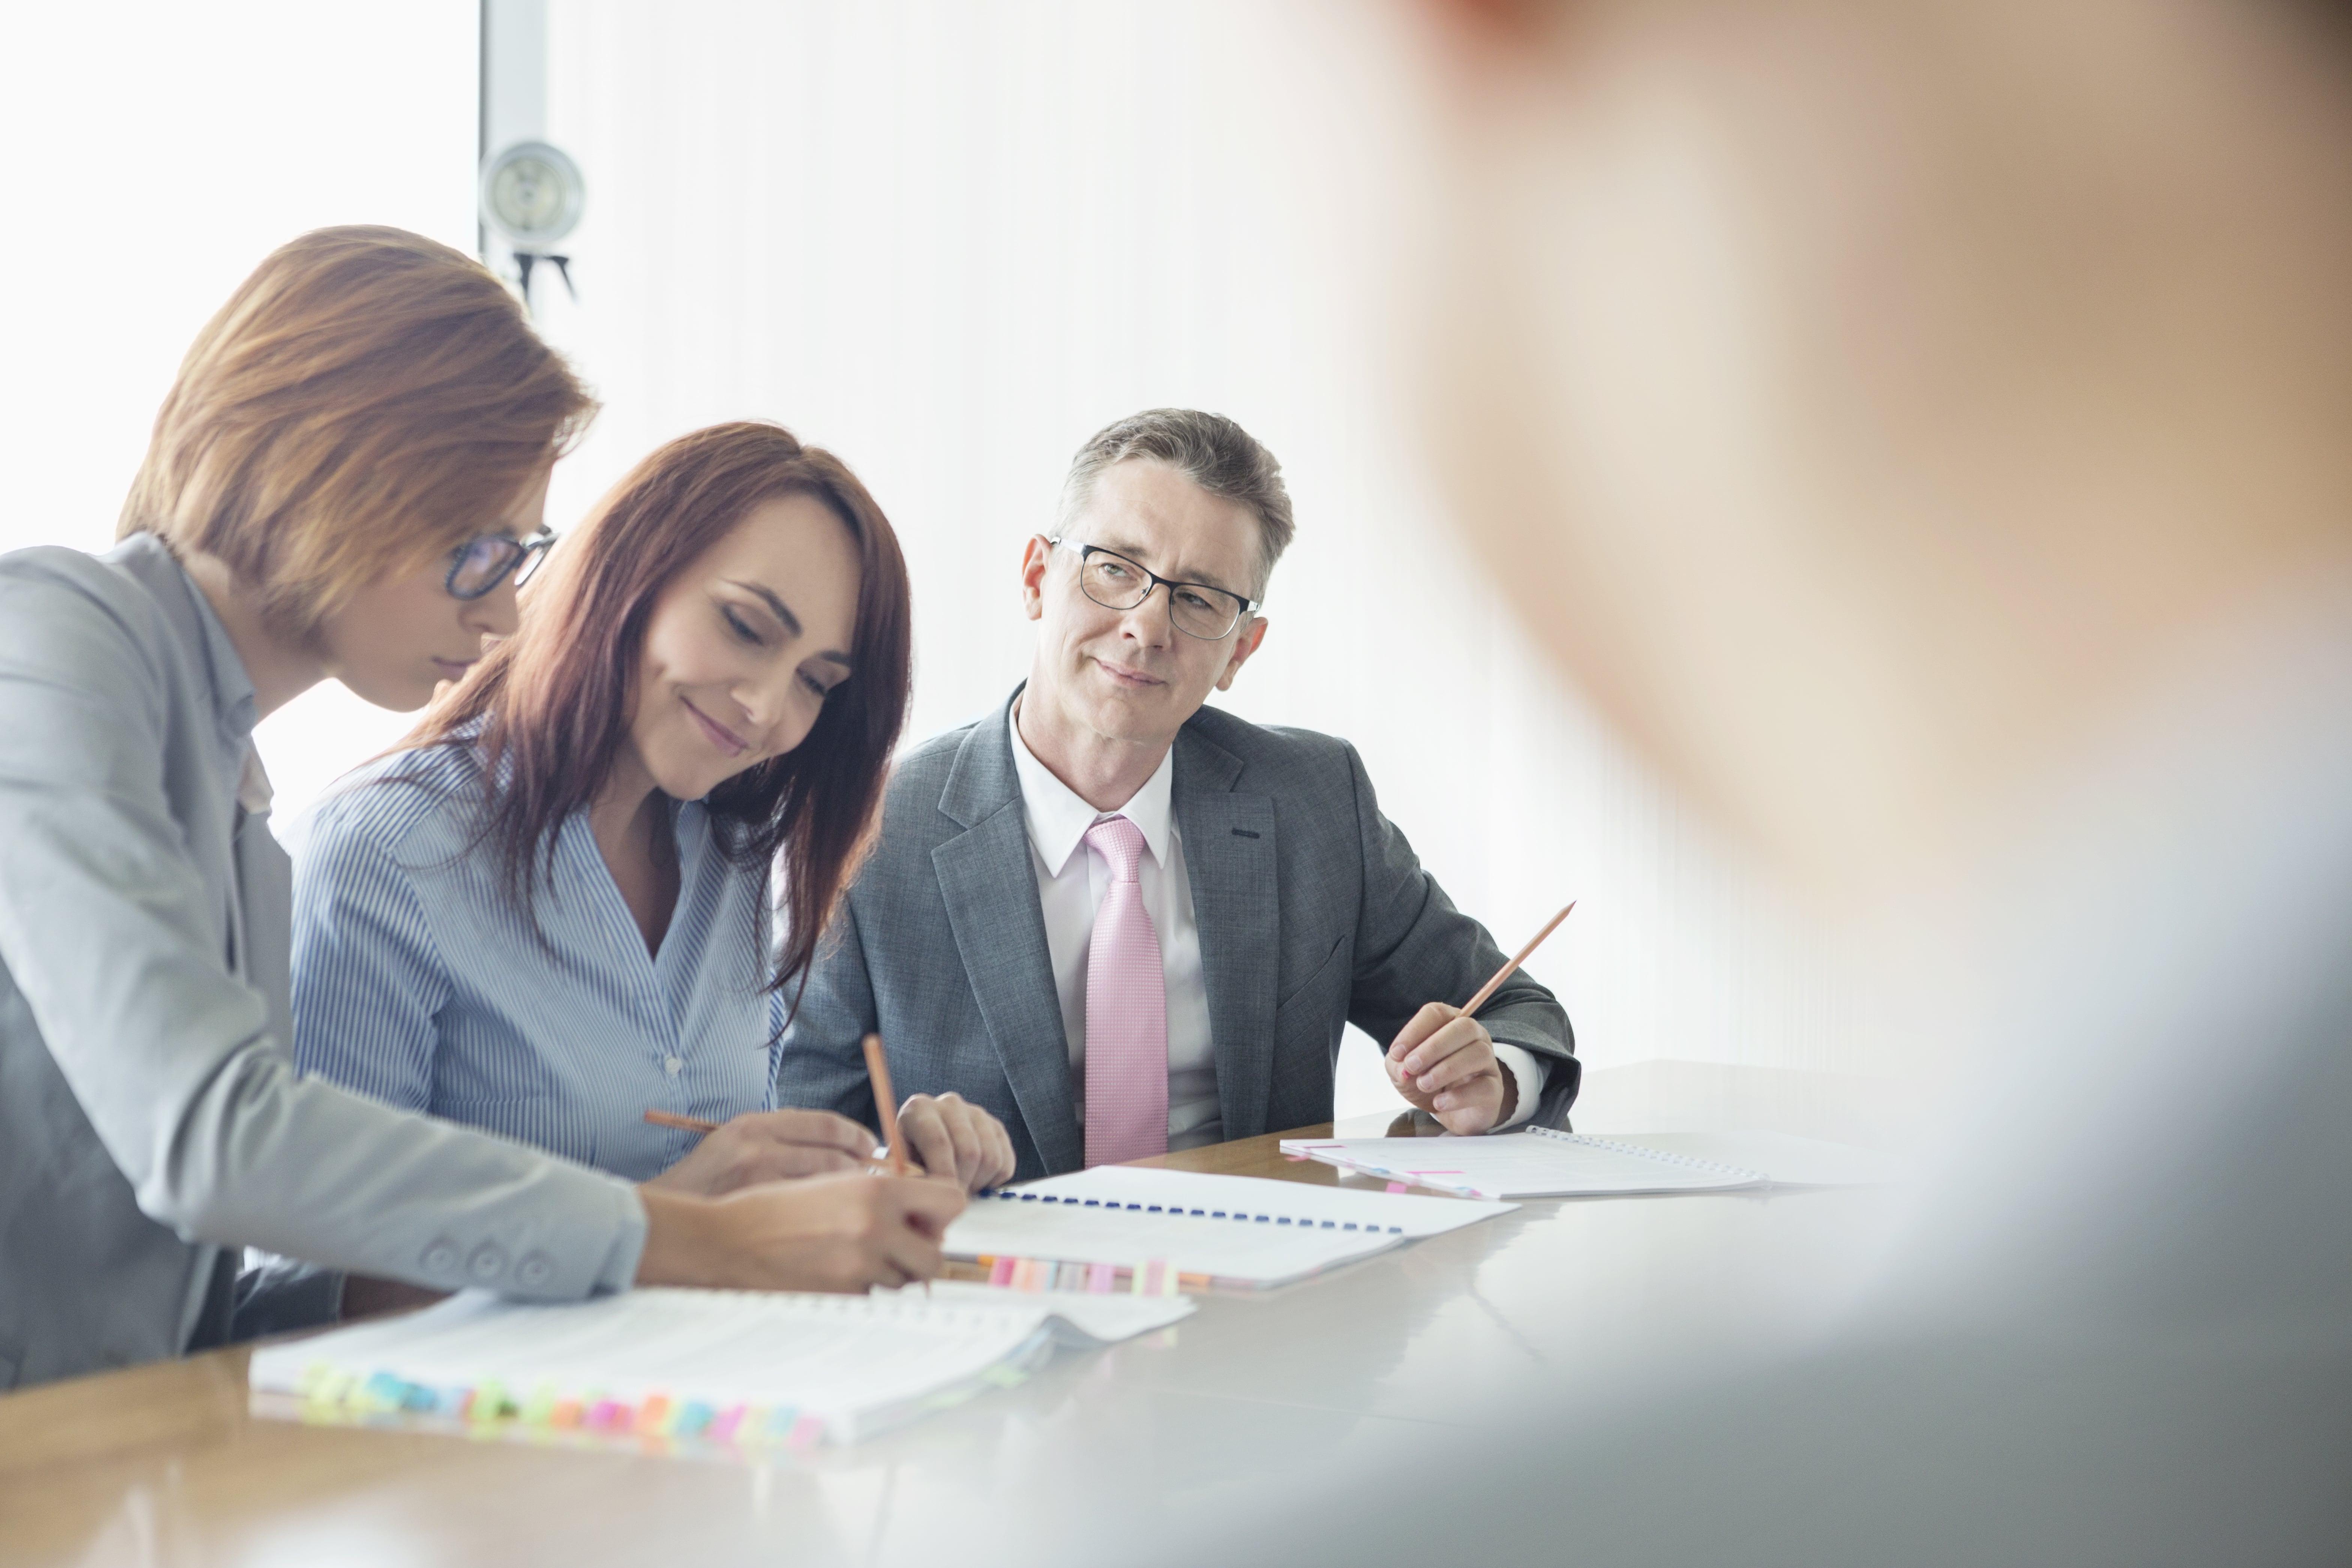 איך לשפר רווחיות בעסק קטן